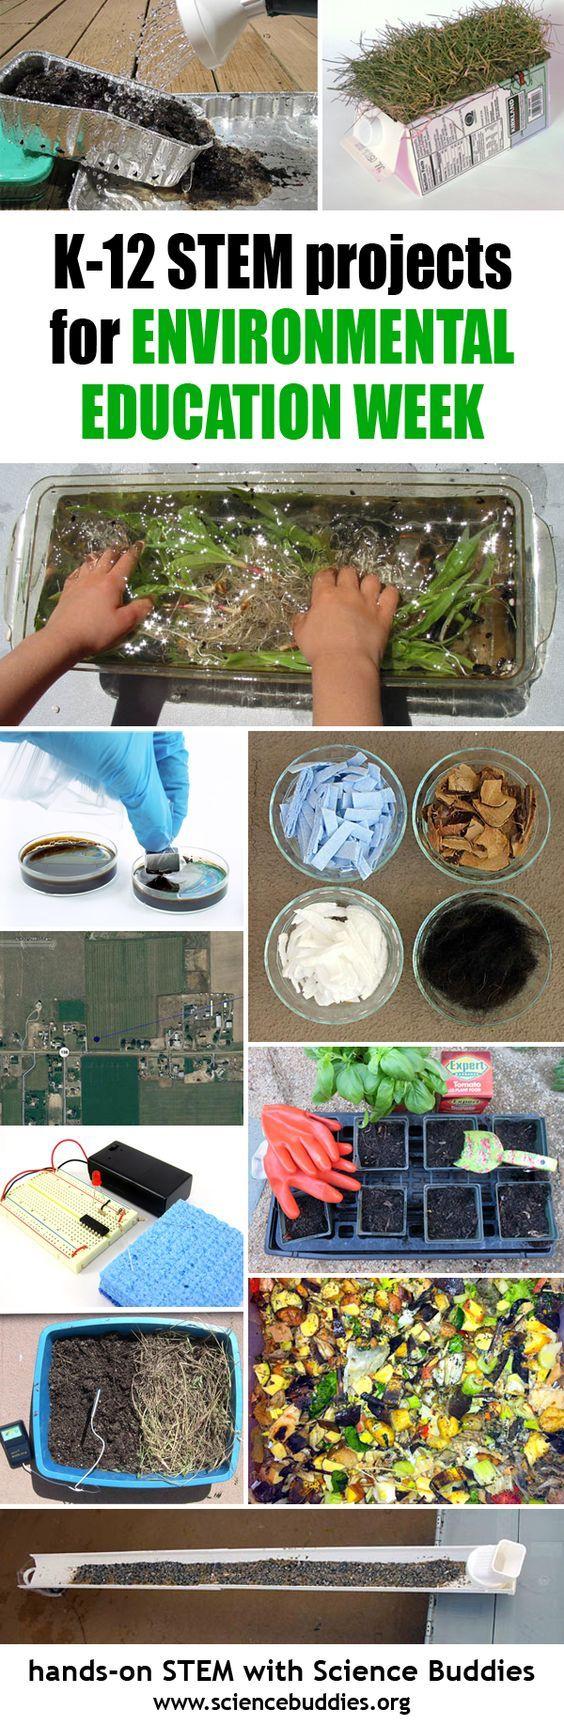 Proyectos educativos sobre sustentabilidad, biodiversidad y medio ambiente.